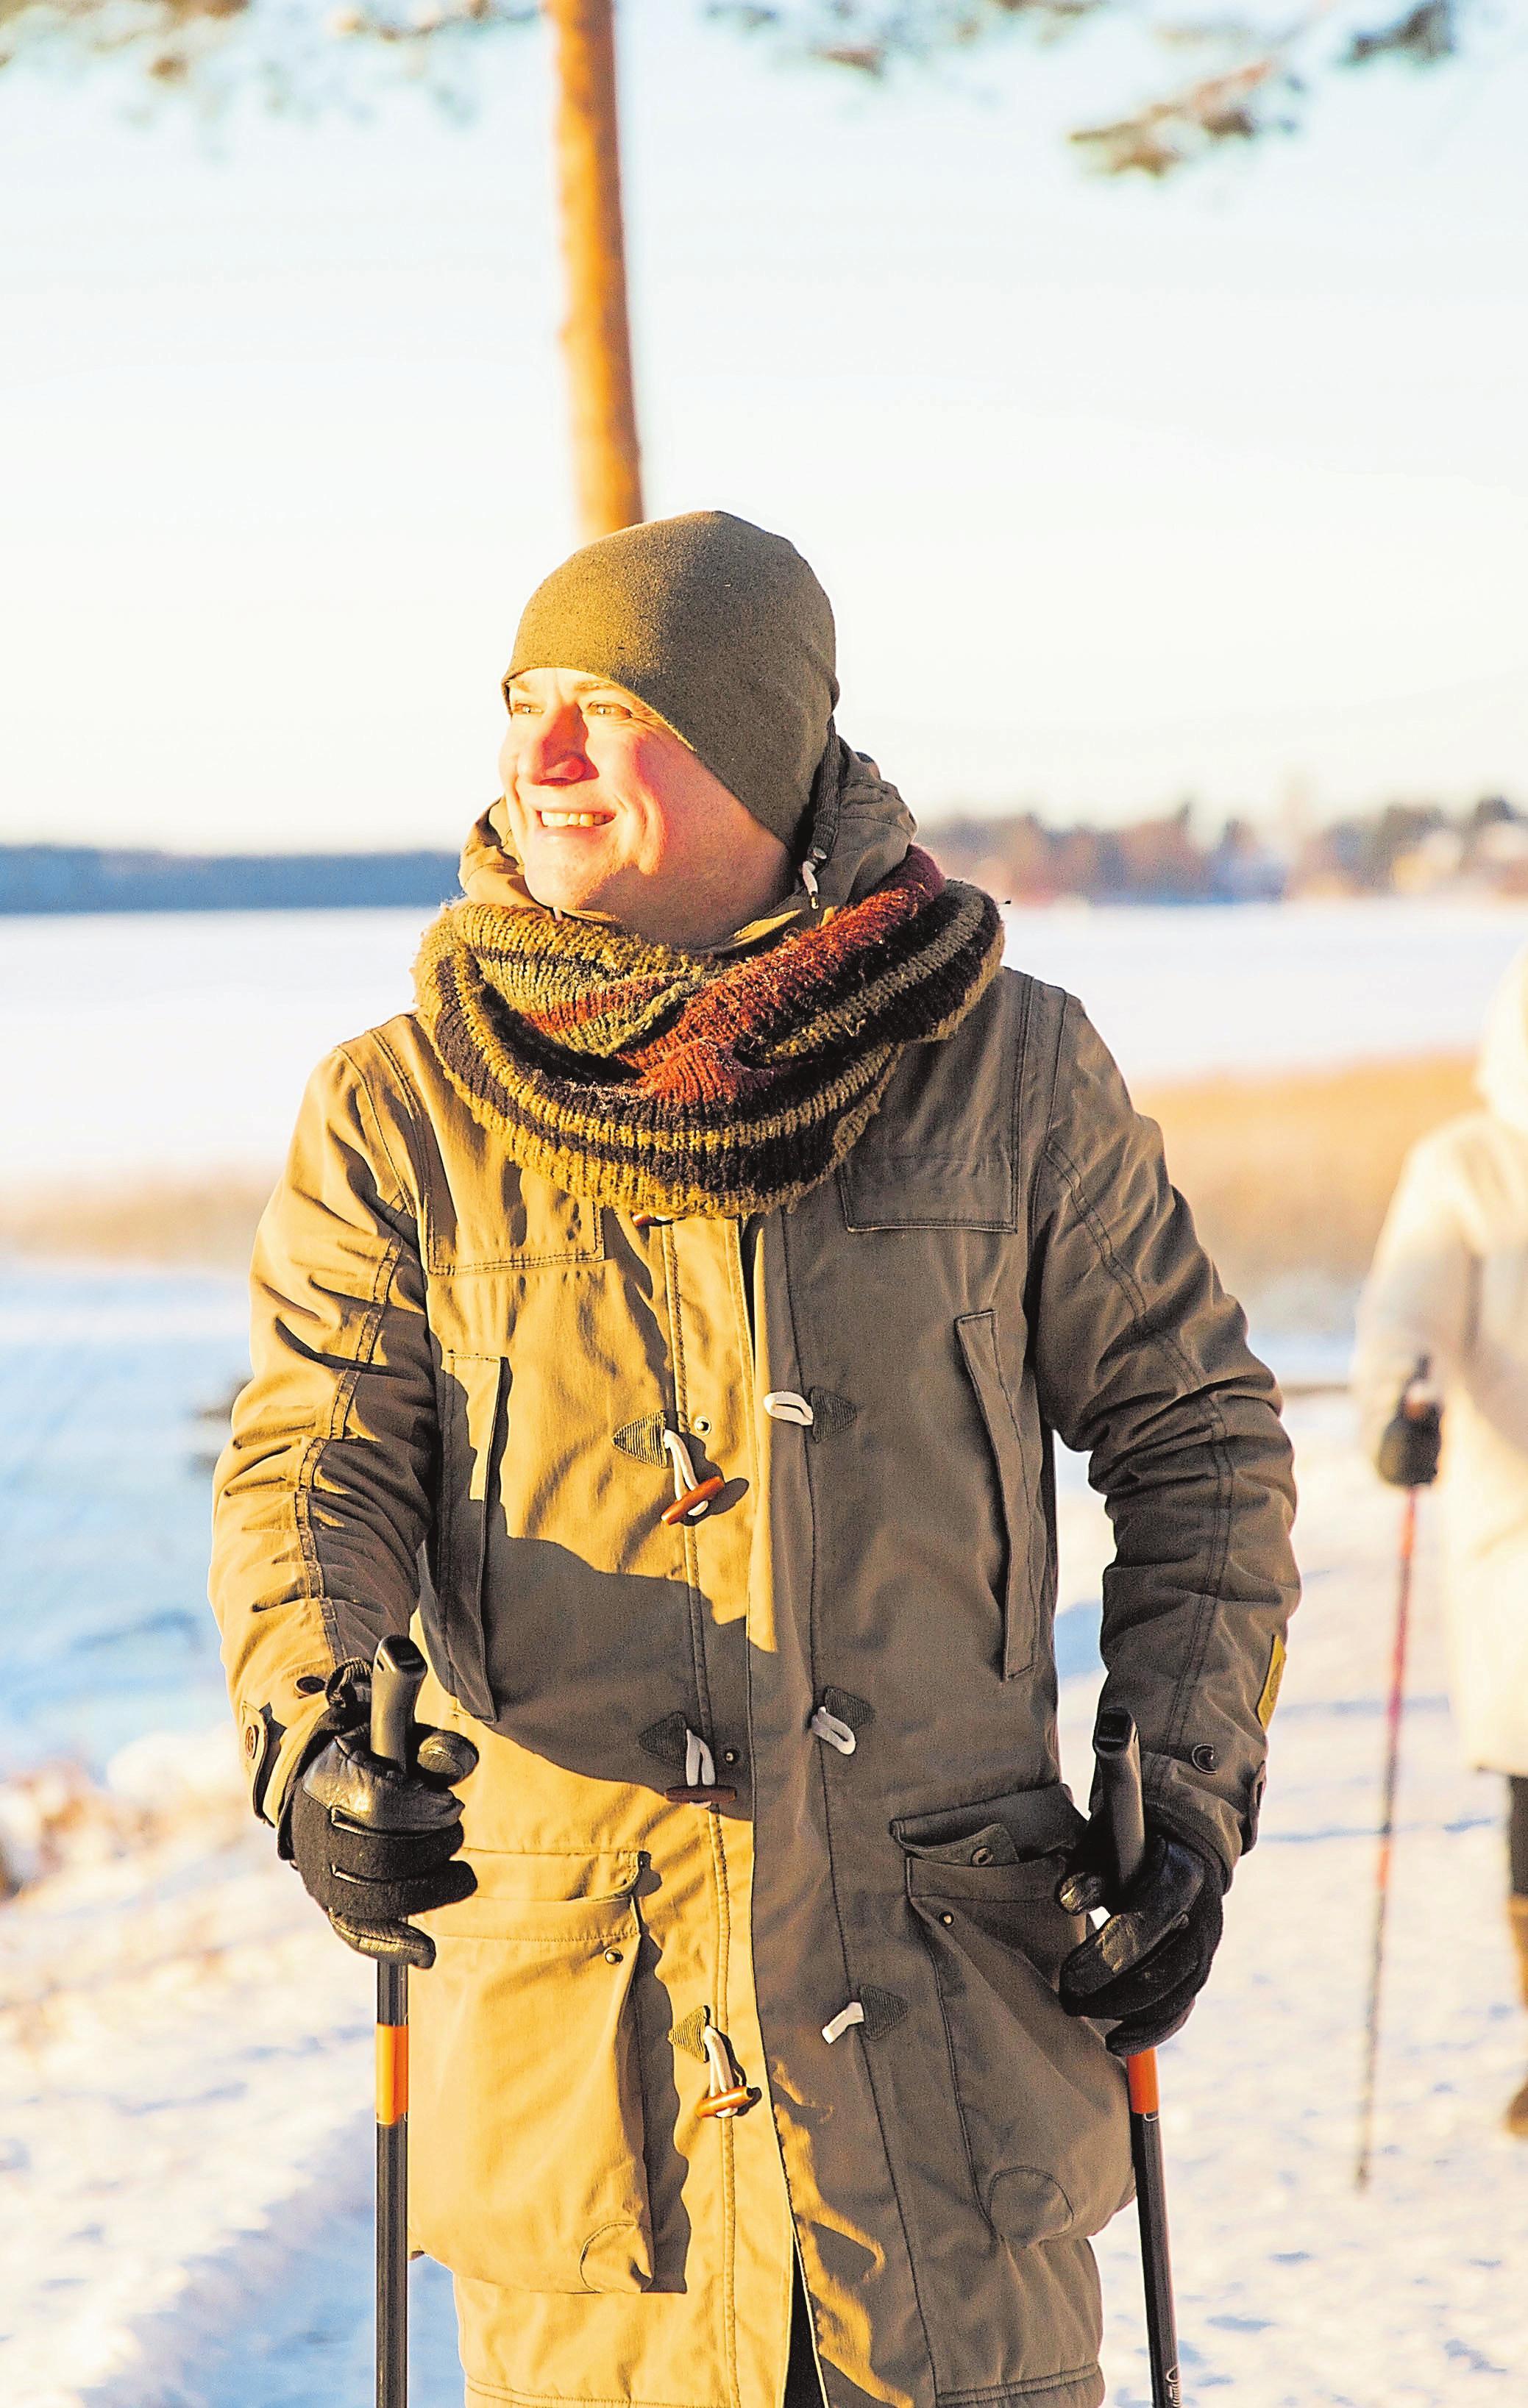 Im Winter sollten Senioren sich immer gut warmhalten. Wanderstöcke können die Sturzgefahr mindern.